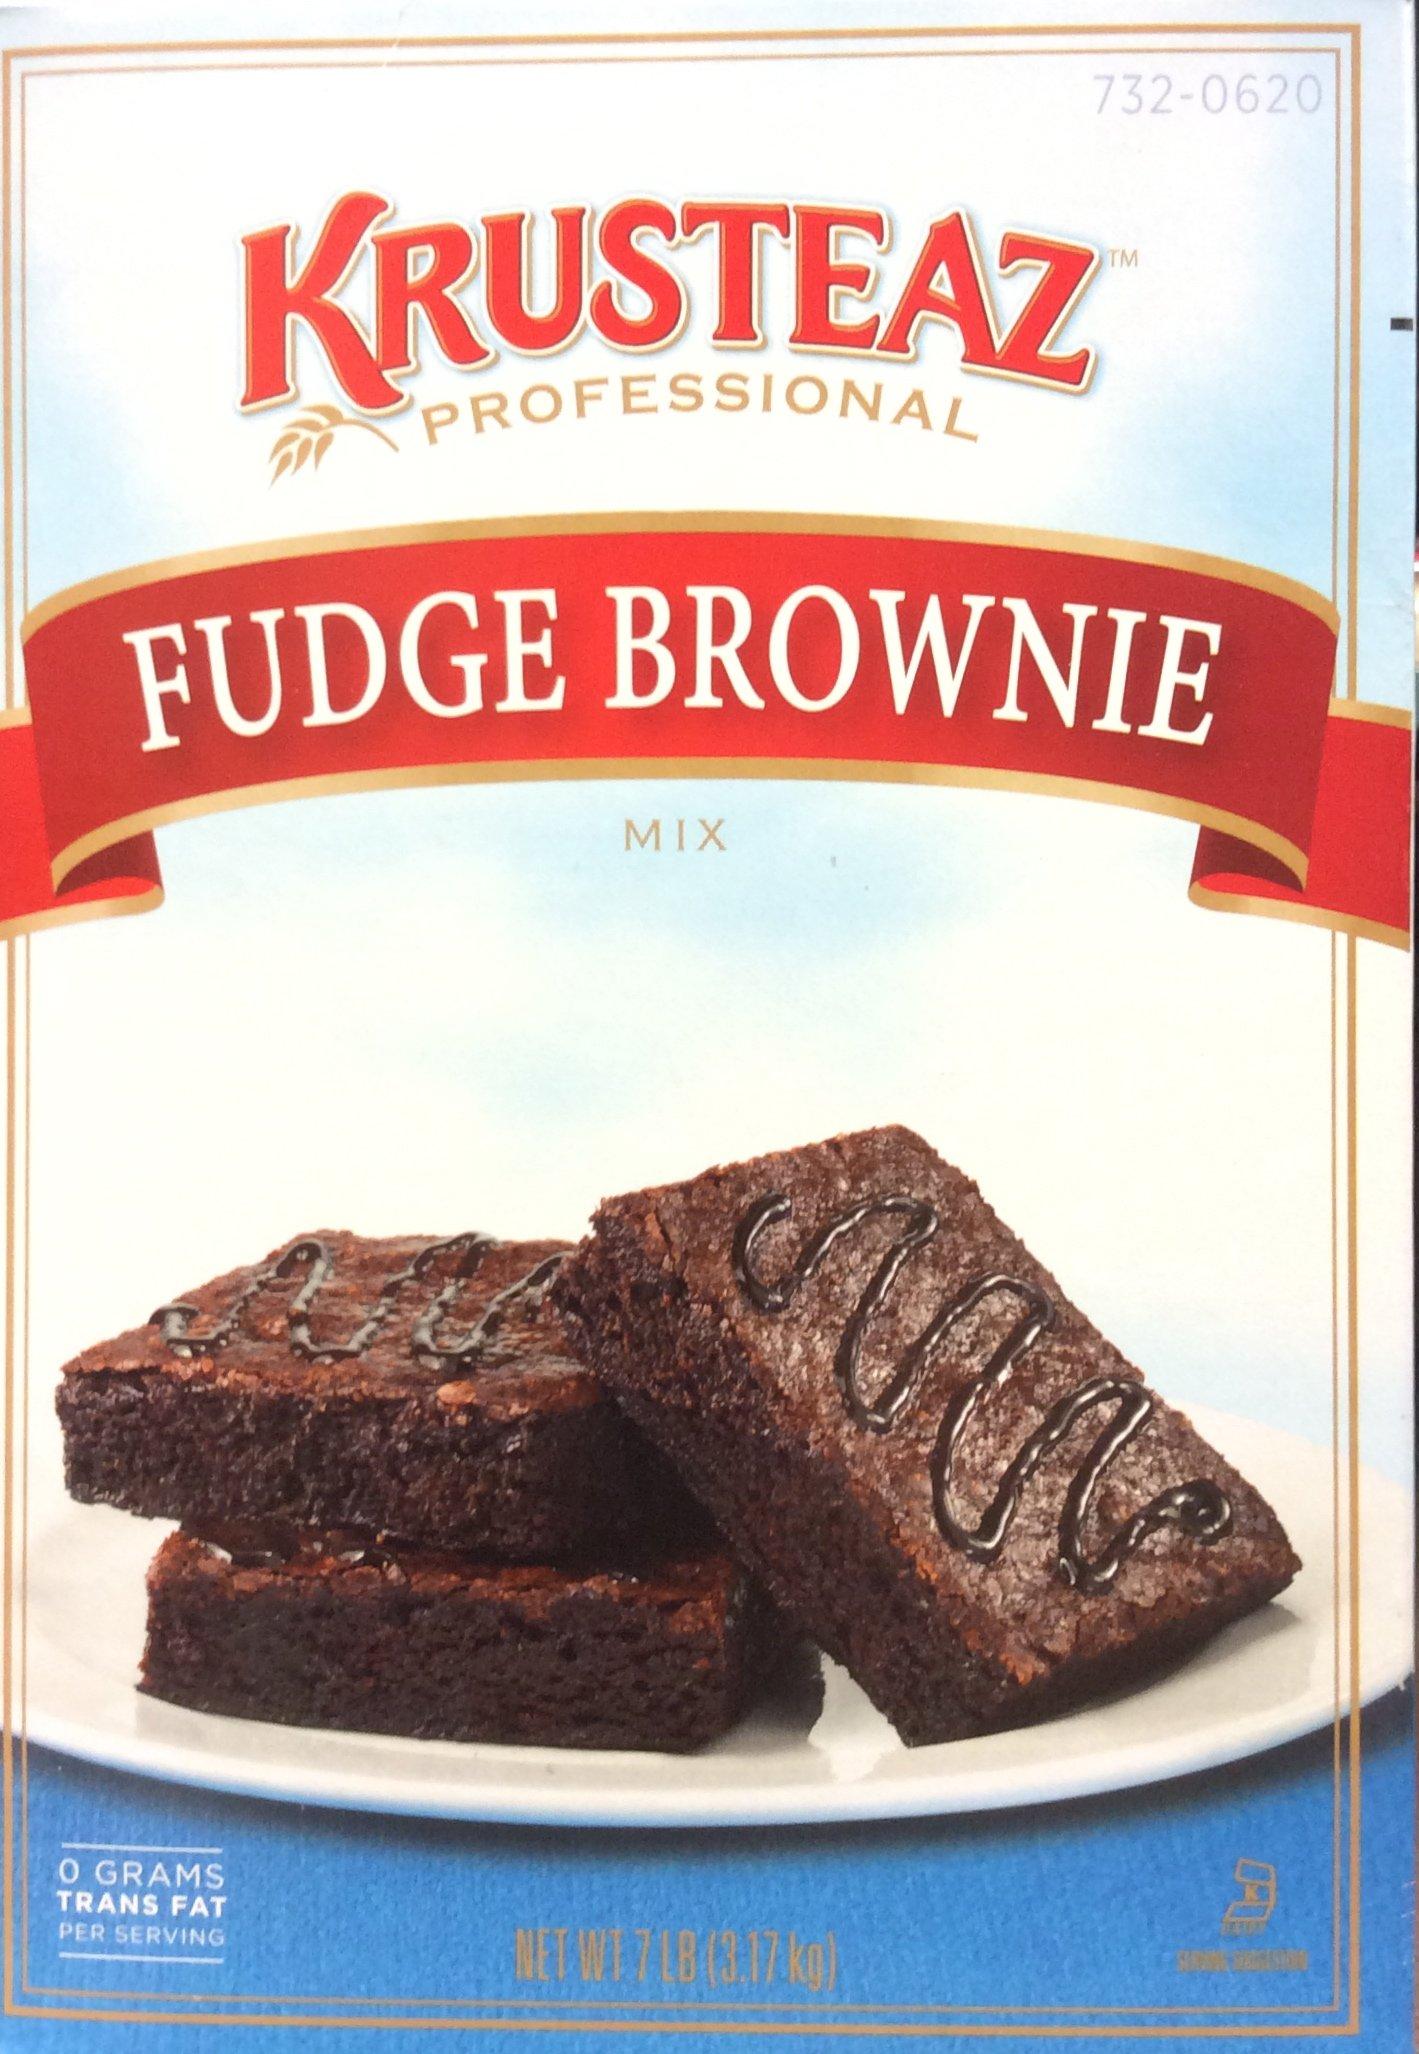 Krusteaz FUDGE BROWNIE Mix 7lb. (4 Pack) by Krusteaz (Image #1)